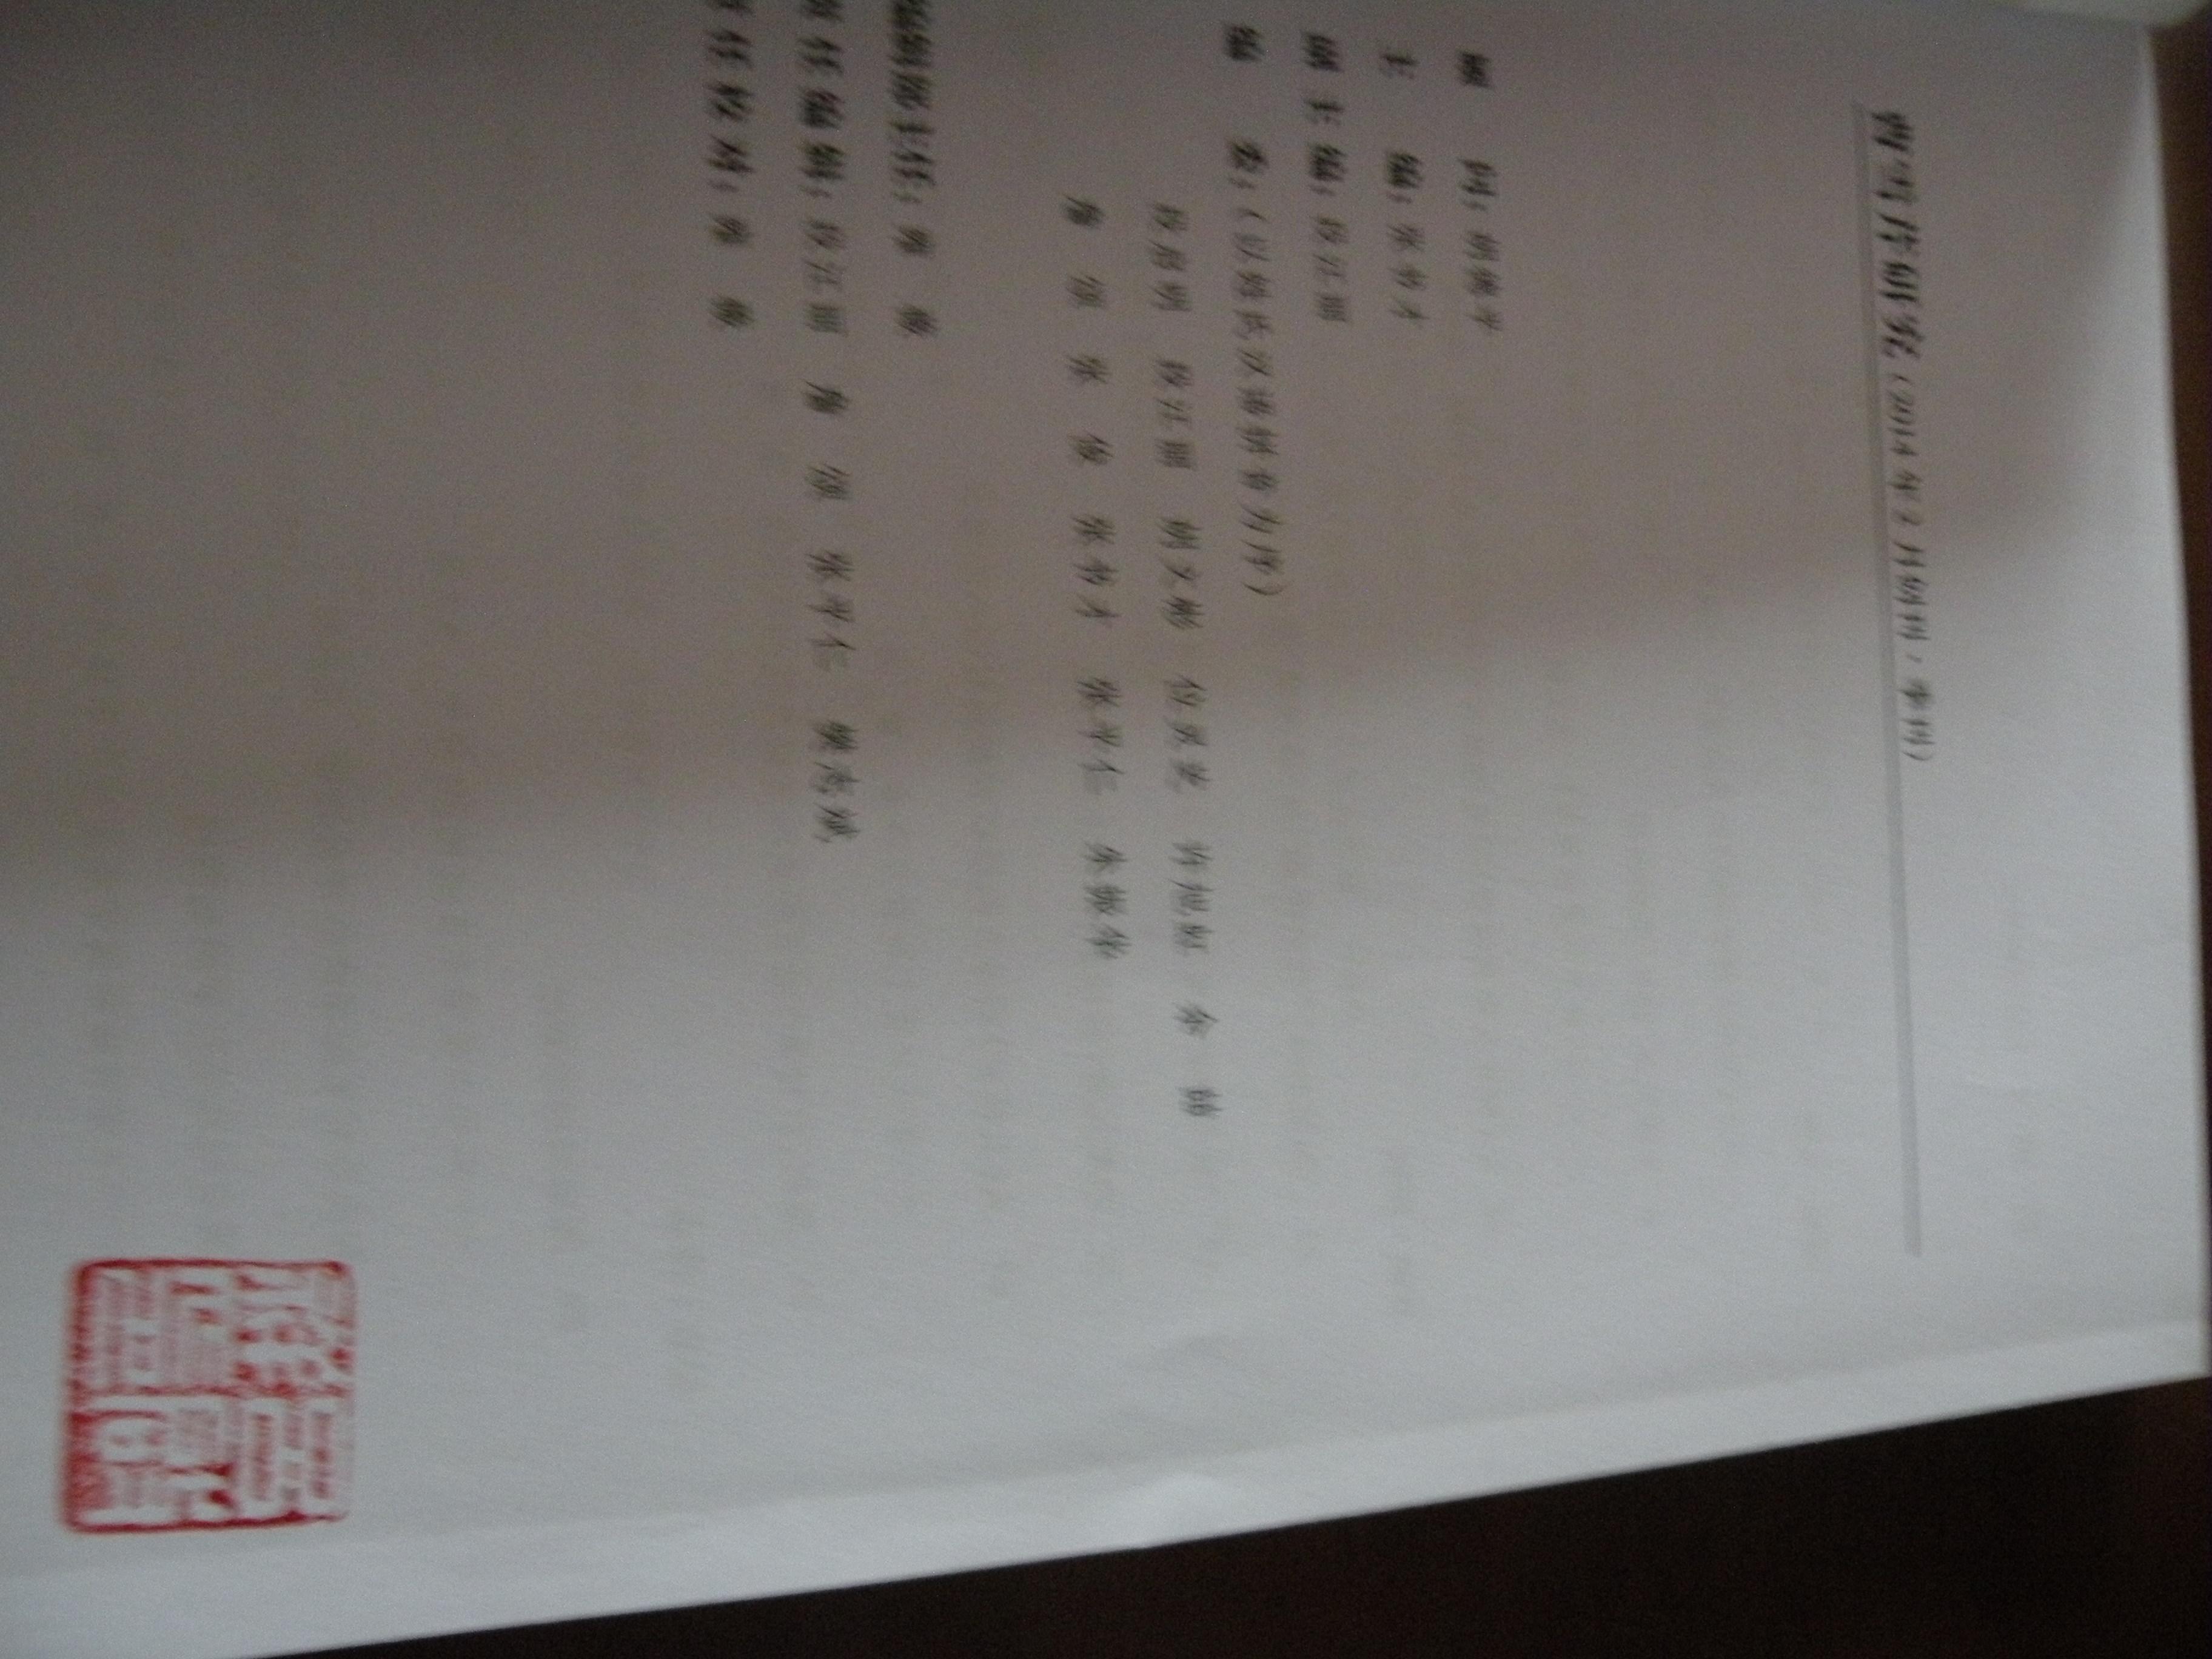 DSCN5963.JPG